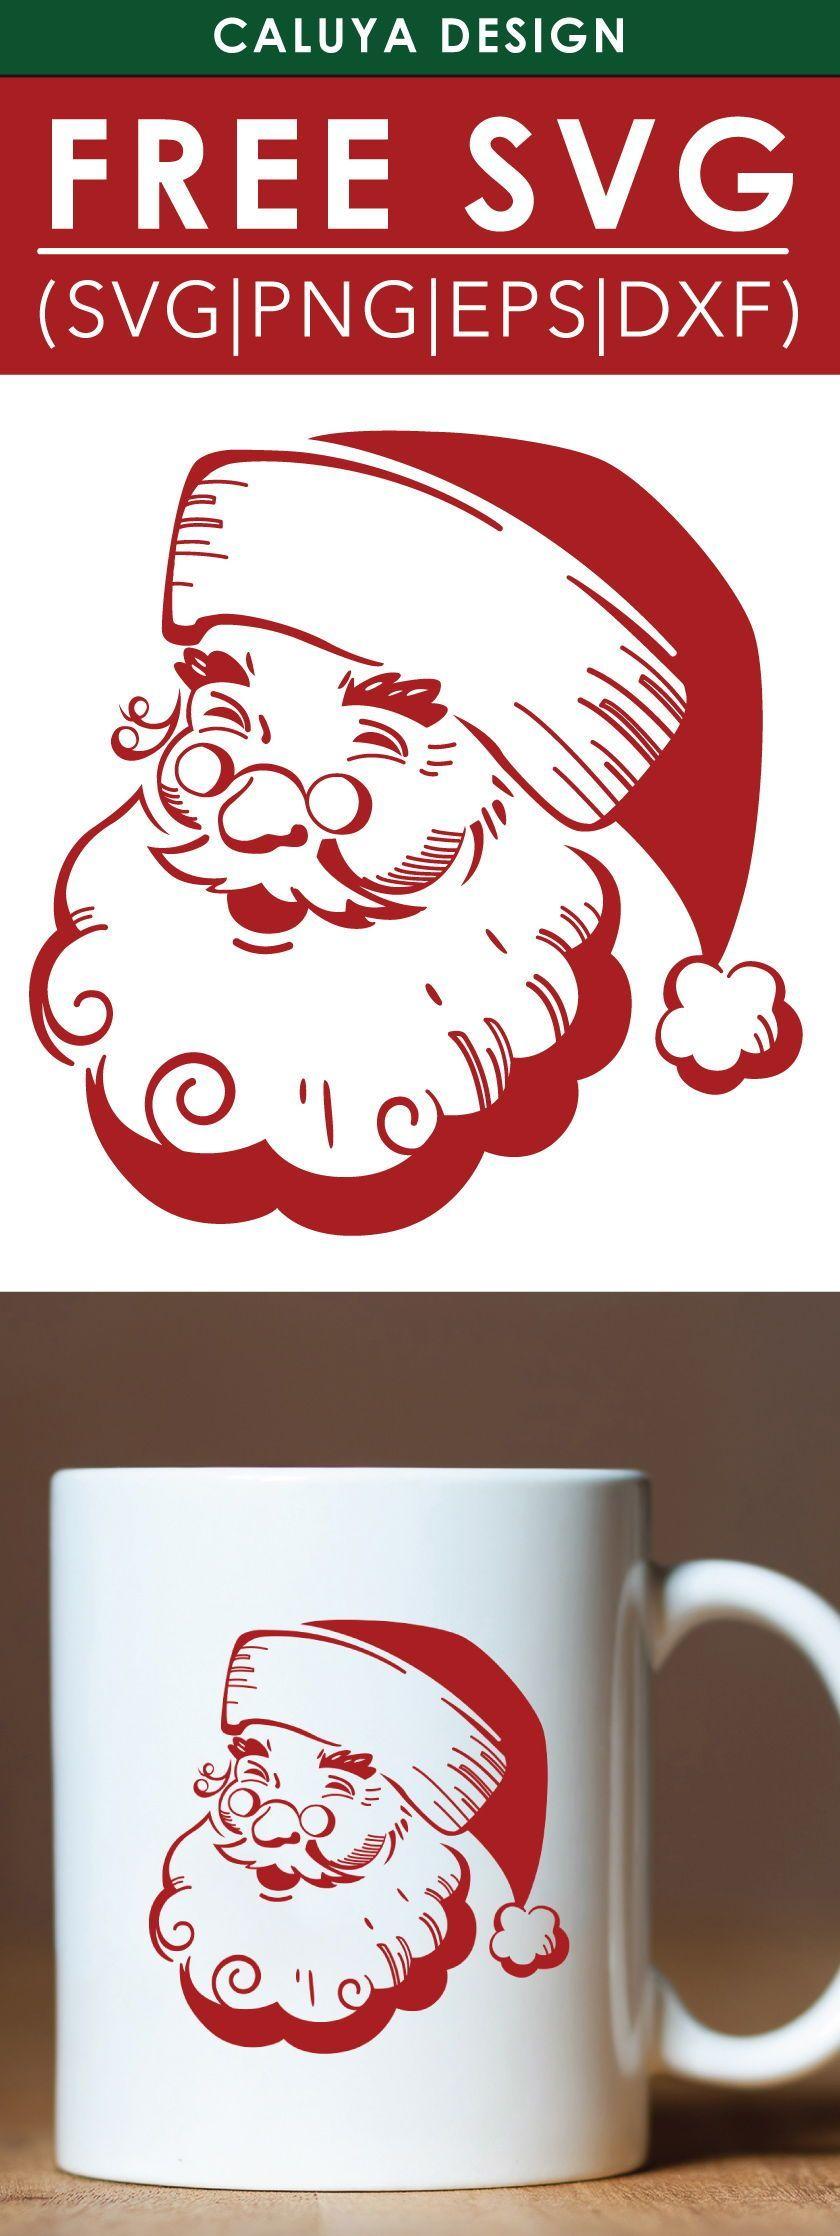 Free Vintage Santa SVG, PNG, EPS & DXF by cricutcrafts